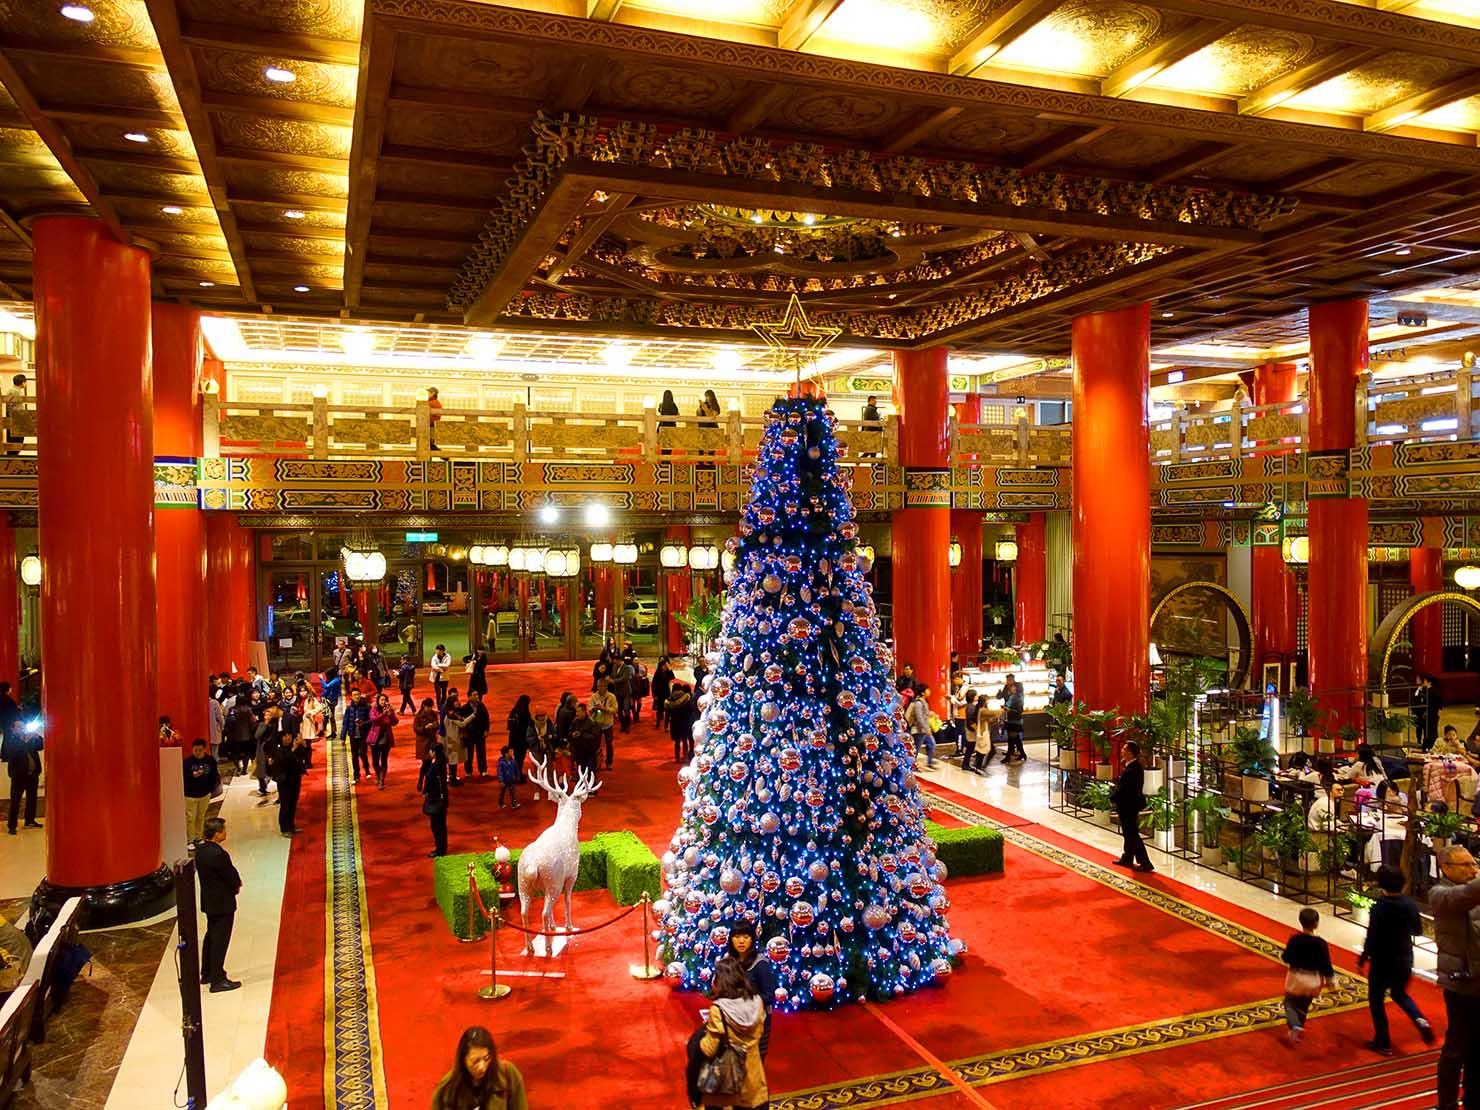 台北・圓山大飯店の階段状から眺めるエントランスホール